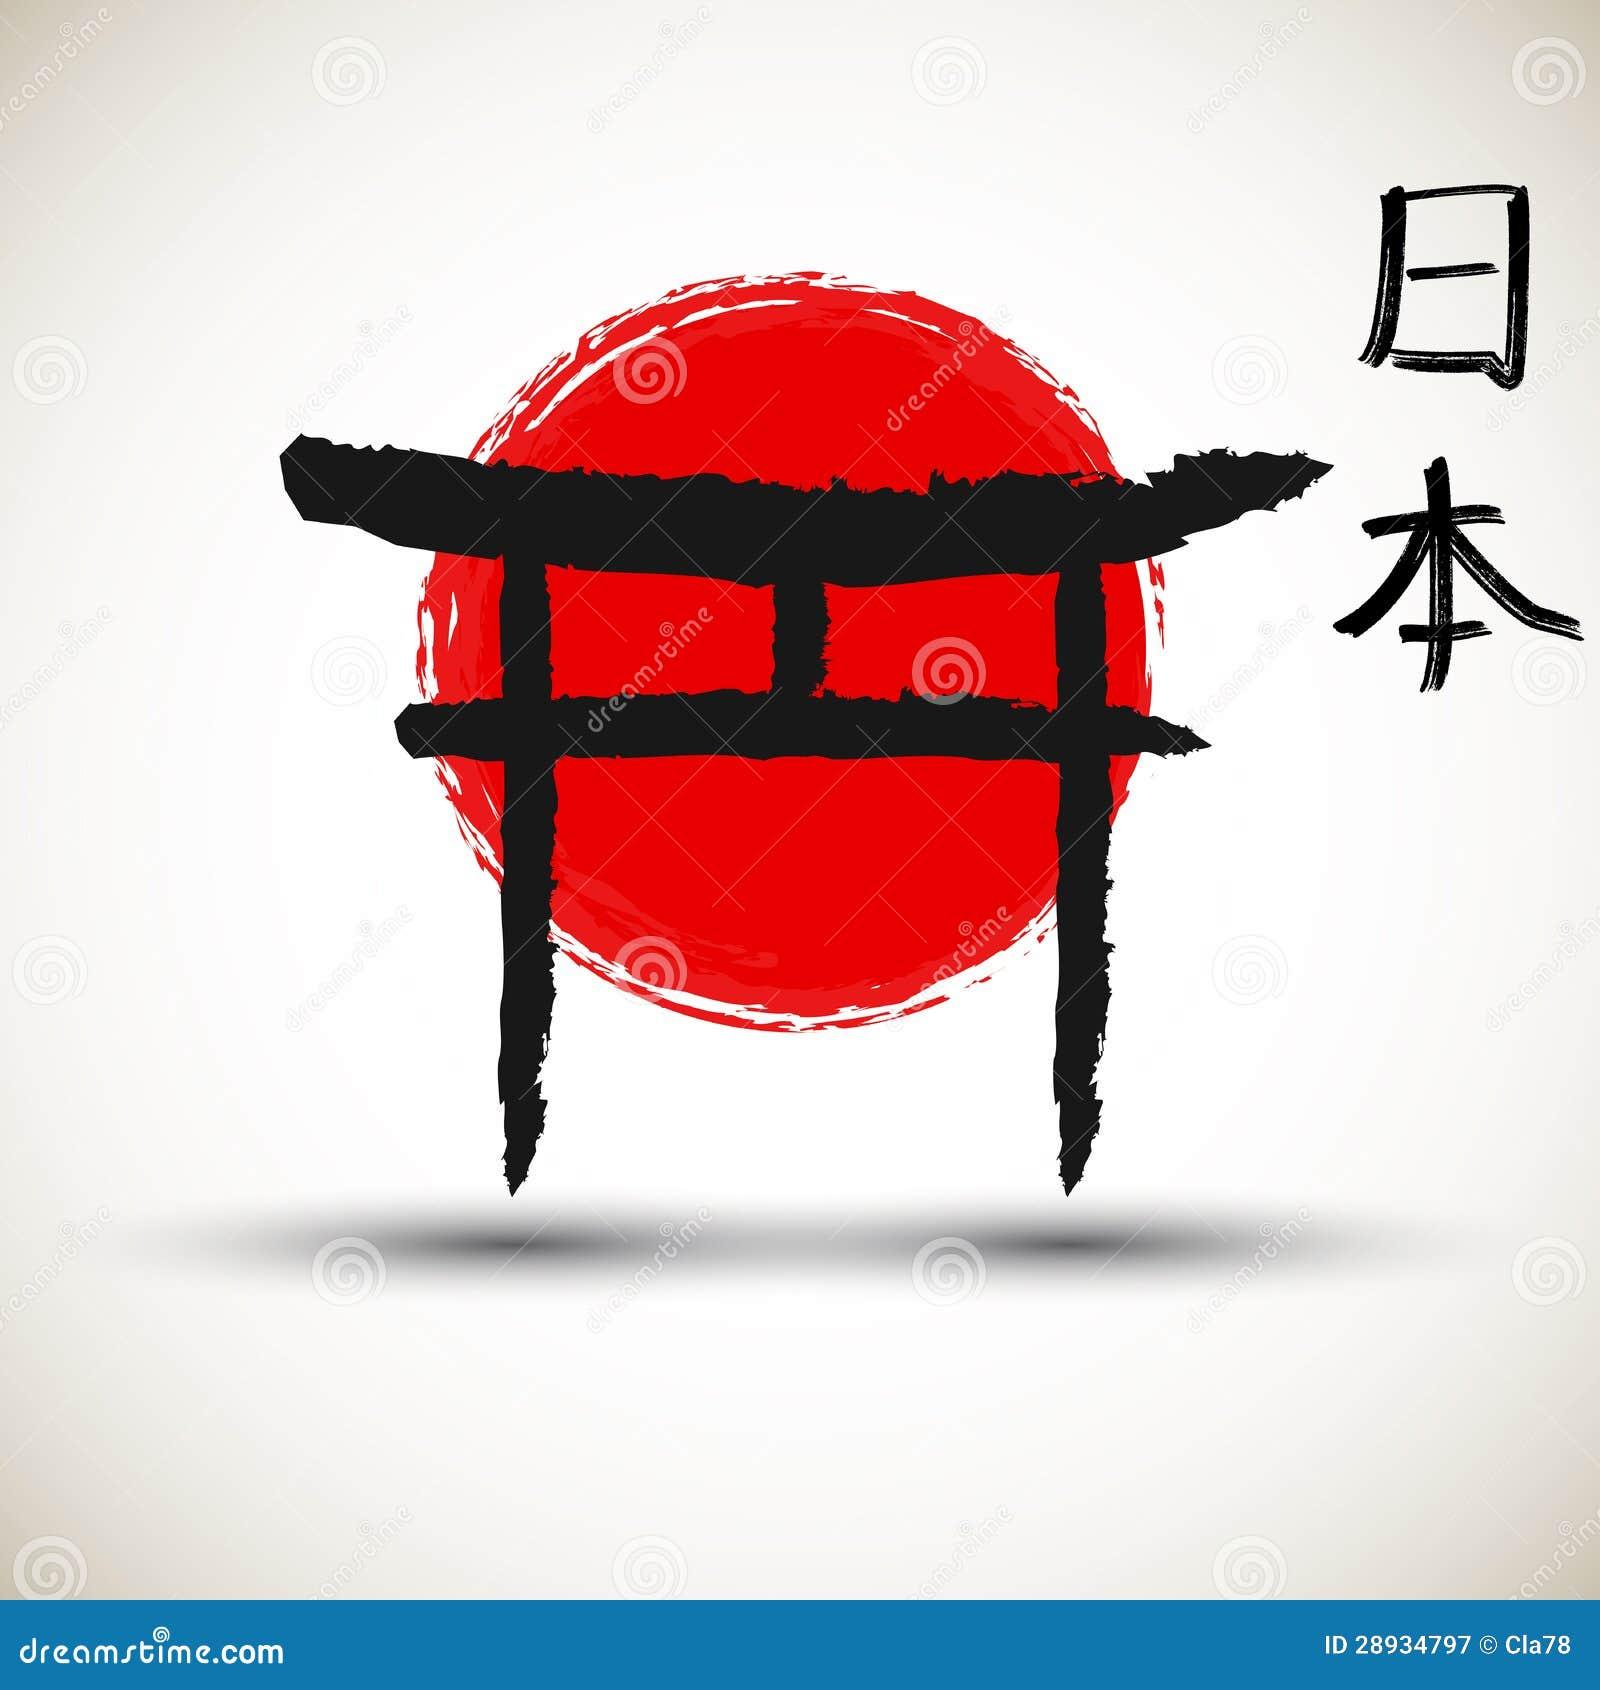 Japanese Logo Royalty Free Stock Photography - Image: 28934797